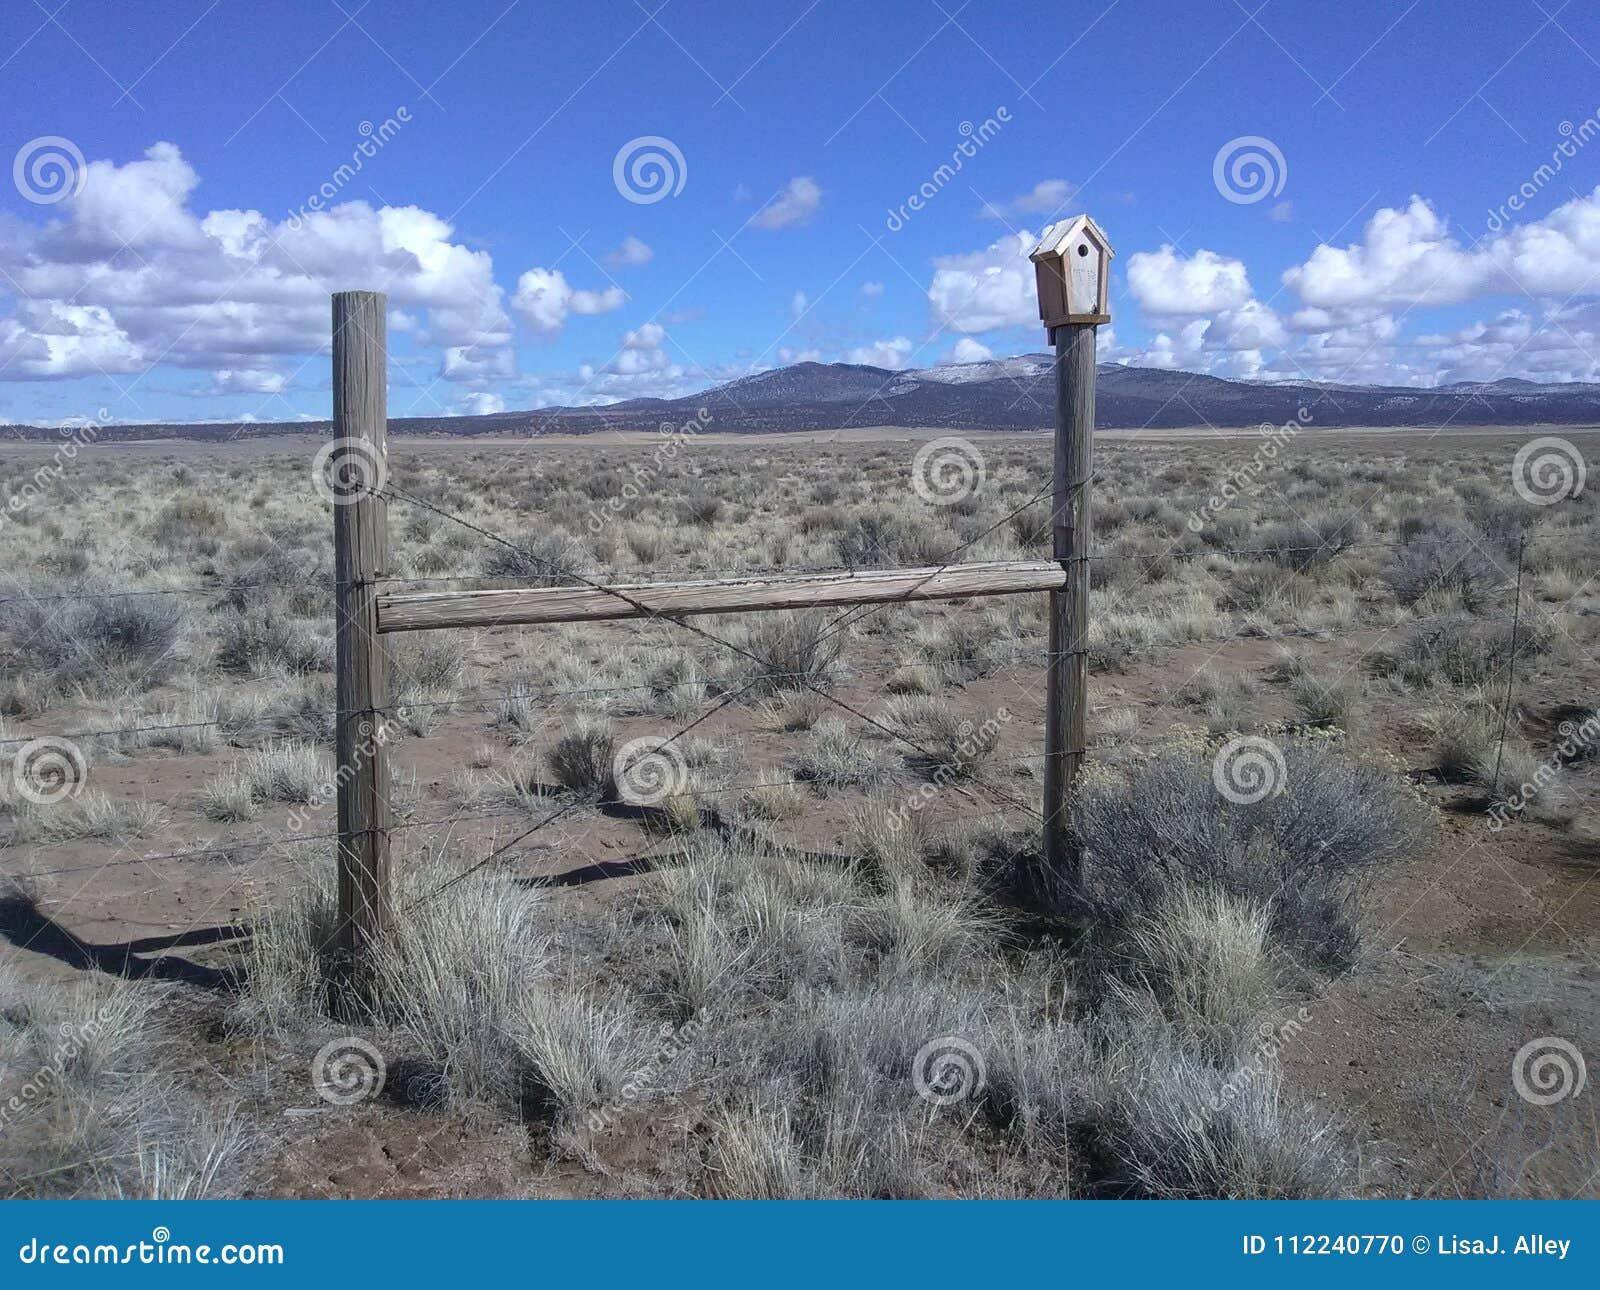 High desert bird house